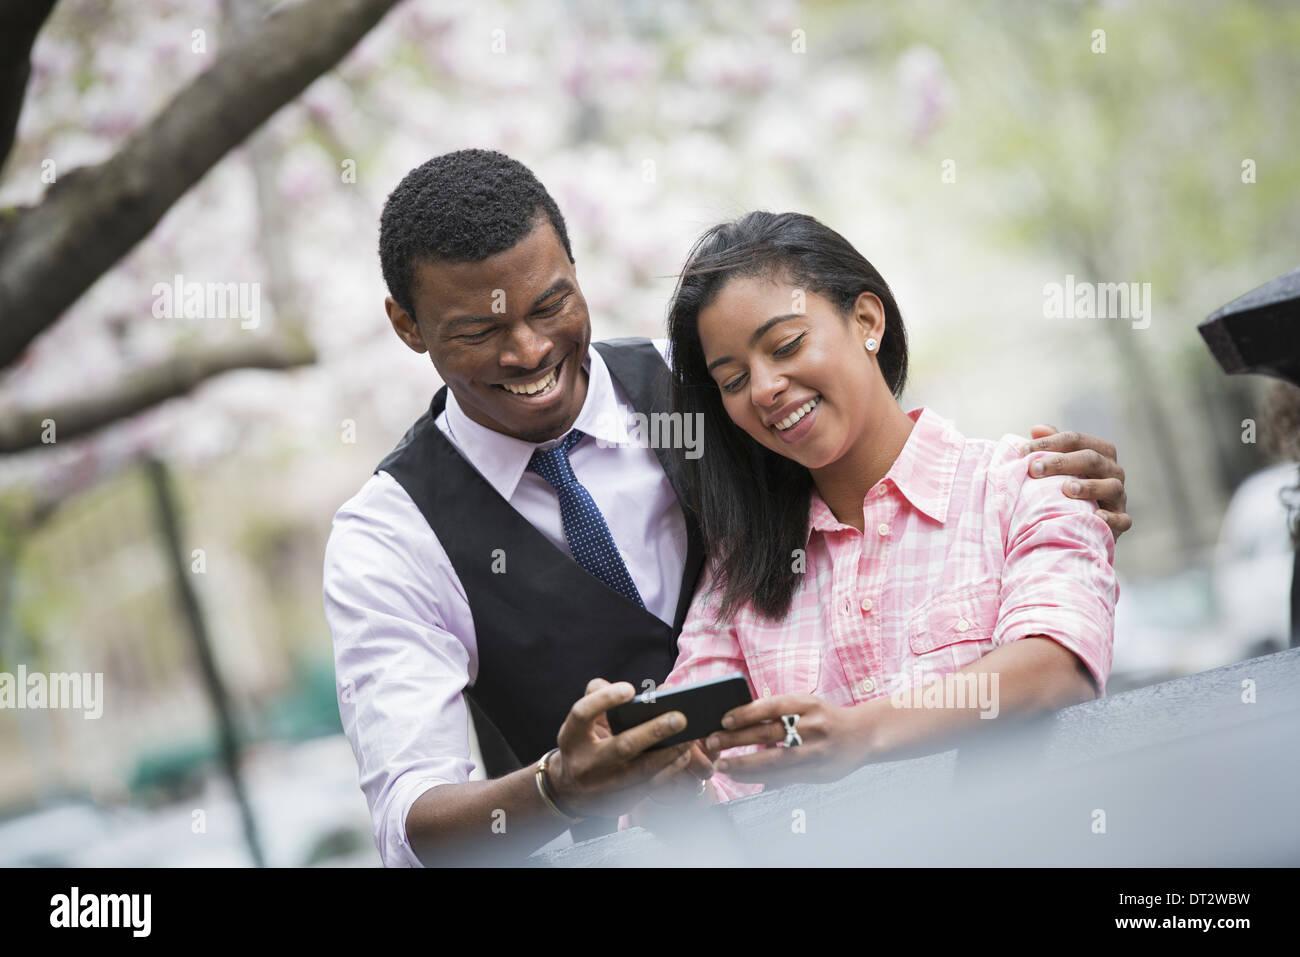 Blick über CityYoung Menschen ein paar Seite an Seite mit seinen Arm um ihre Schultern mit Blick auf ein Smartphone und lächelnd Stockbild